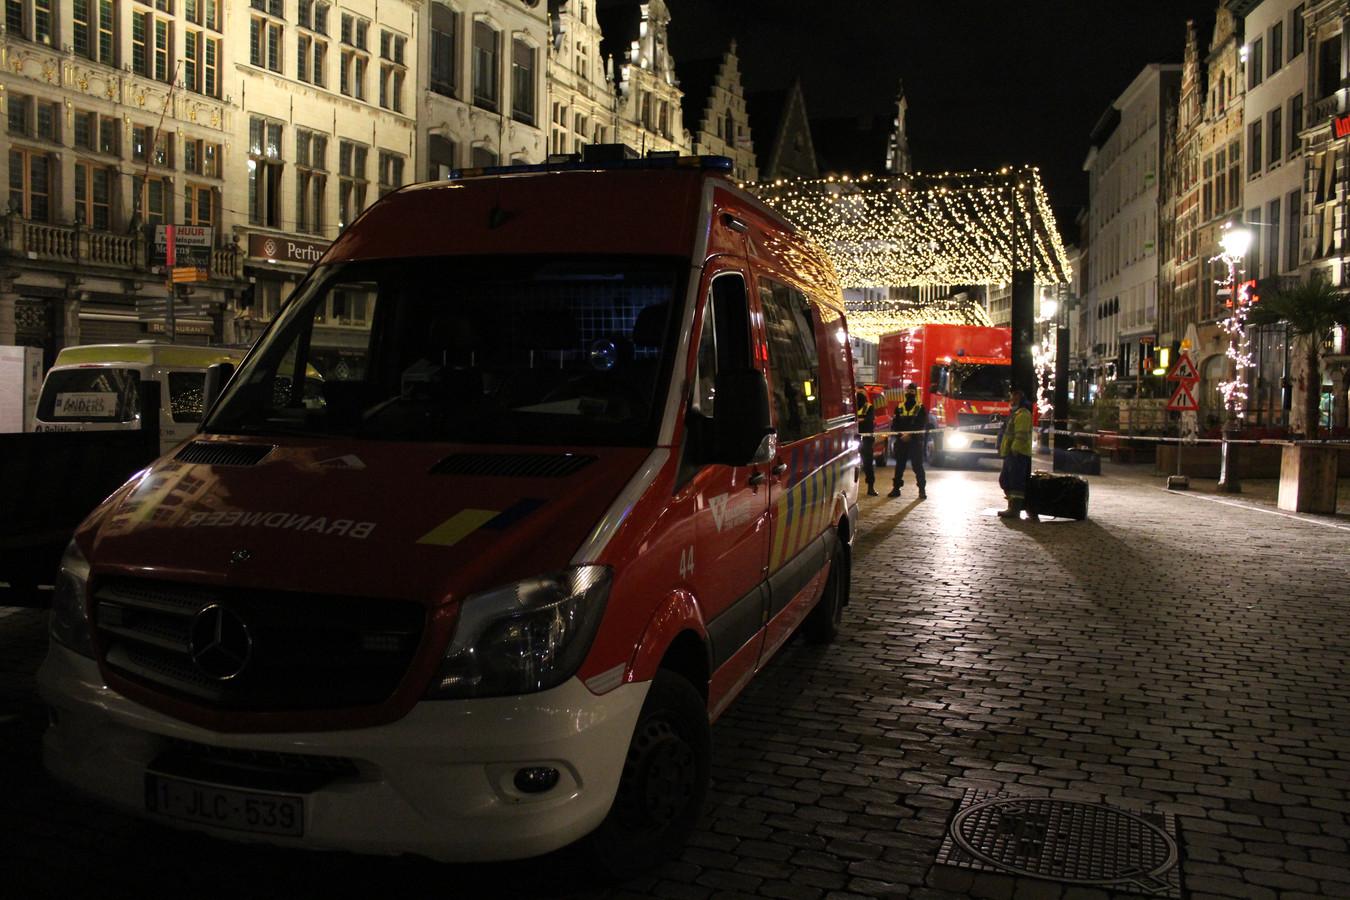 De hulpdiensten werden vrijdagavond opgeroepen voor instortingsgevaar op de Grote Markt.